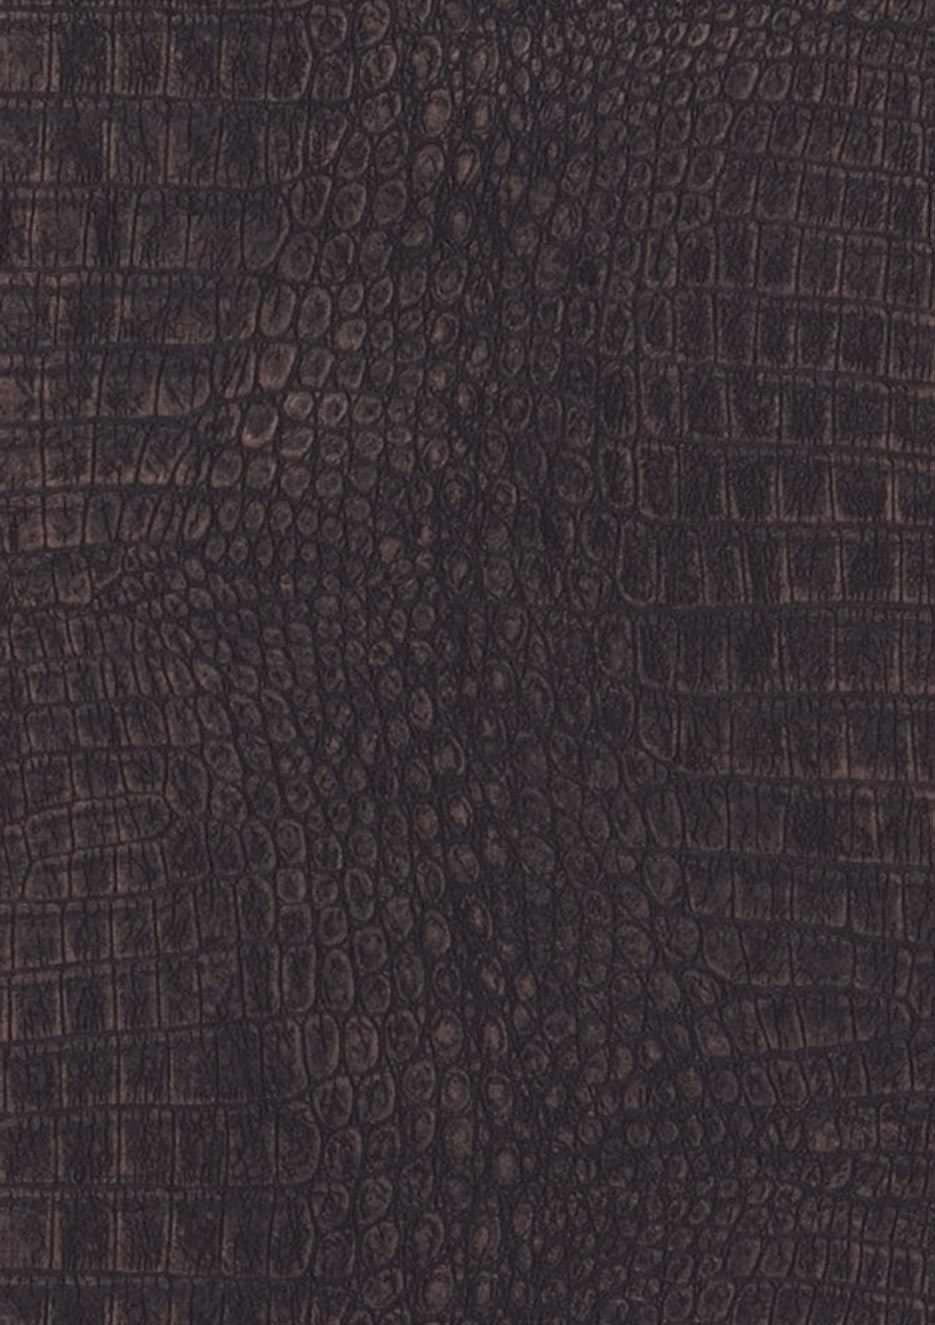 Agréable Papier Peint Imitation Cuir Leroy Merlin #8: Awesome Noir Papier Peint Cuir Matires Papier Peint Des Annes With Papier  Peint Imitation Cuir Leroy Merlin.